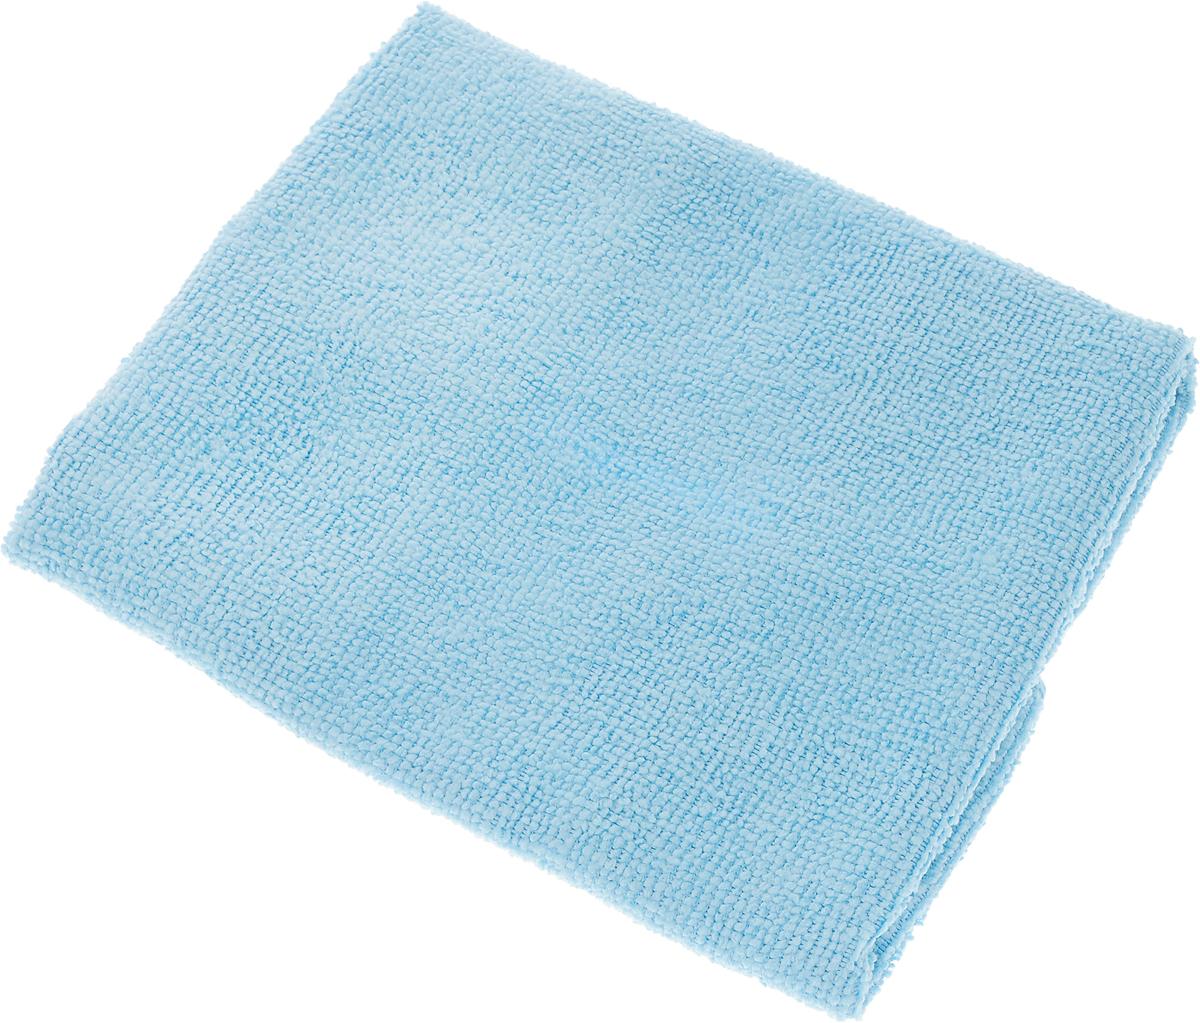 Салфетка LarangE, супервлаговпитывающая, универсальная, цвет: голубой, 30 х 30 см625-302Салфетка LarangE, изготовленная из полиамида и полиэфира, предназначена для очищения загрязнений на любых поверхностях. Изделие обладает высокой износоустойчивостью и рассчитано на многократное использование, легко моется в теплой воде с мягкими чистящими средствами. Впитывающая салфетка не оставляет разводов и ворсинок, идеальна для стеклянных и блестящих поверхностей, удаляет большинство жирных и маслянистых загрязнений без использования химических средств. Не царапает поверхность и впитывает гораздо больше воды, чем обычная ткань. Подходит для сухой и влажной уборки. Материал: 20% полиамид, 80% полиэстер.